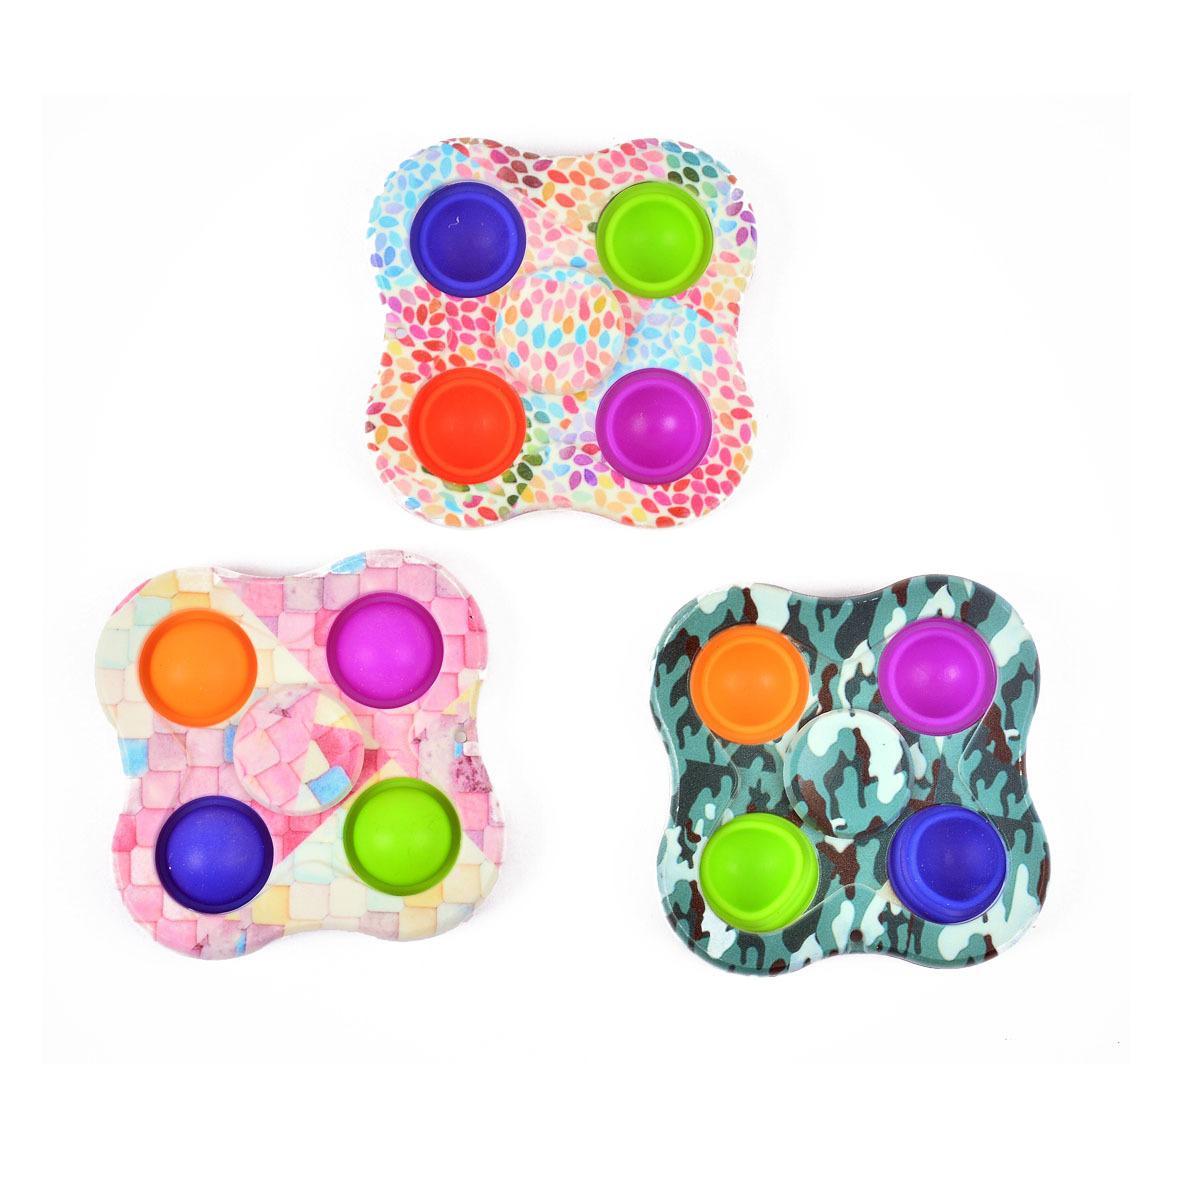 Girando top anti-rato pioneiro cor de dedo impressão bolha le silicone descompressão brinquedo fidget spinner